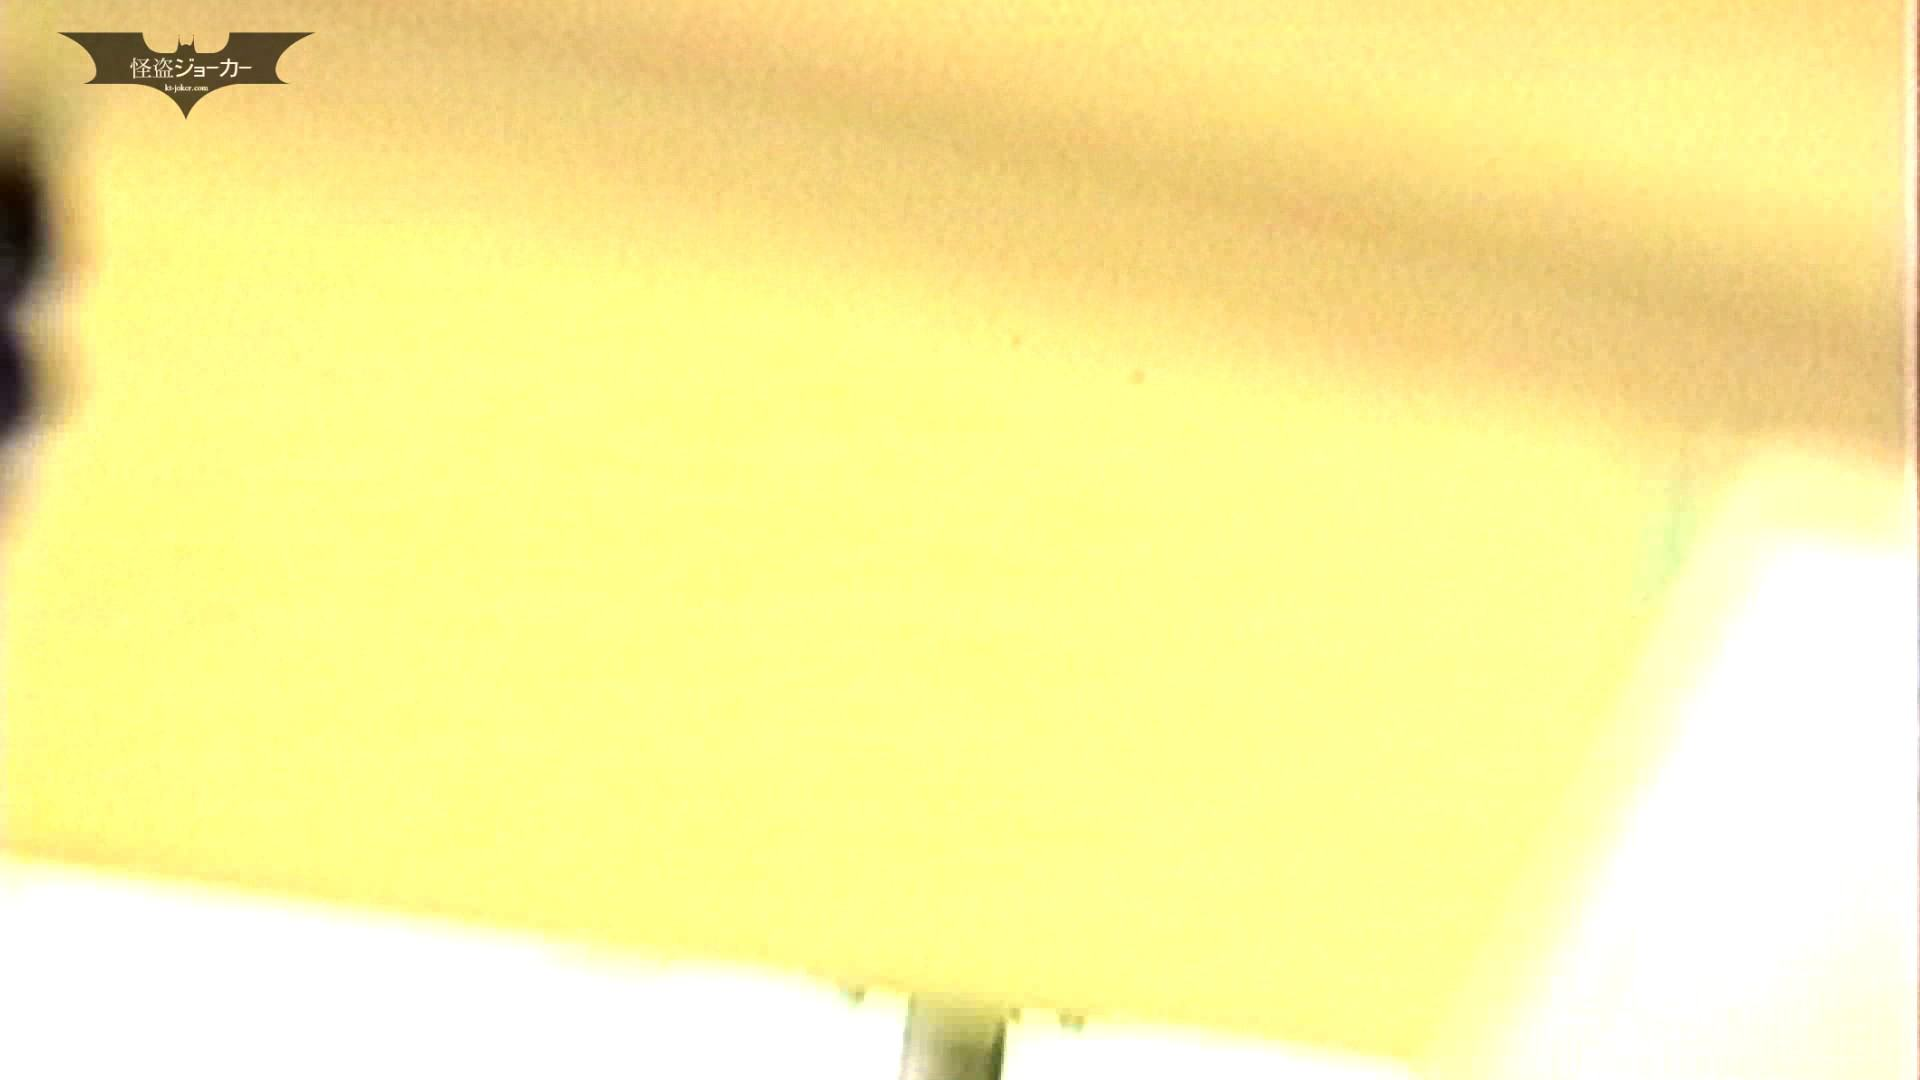 女の子の休み時間のひととき Vol.08 盗撮   学校潜入  108PIX 65